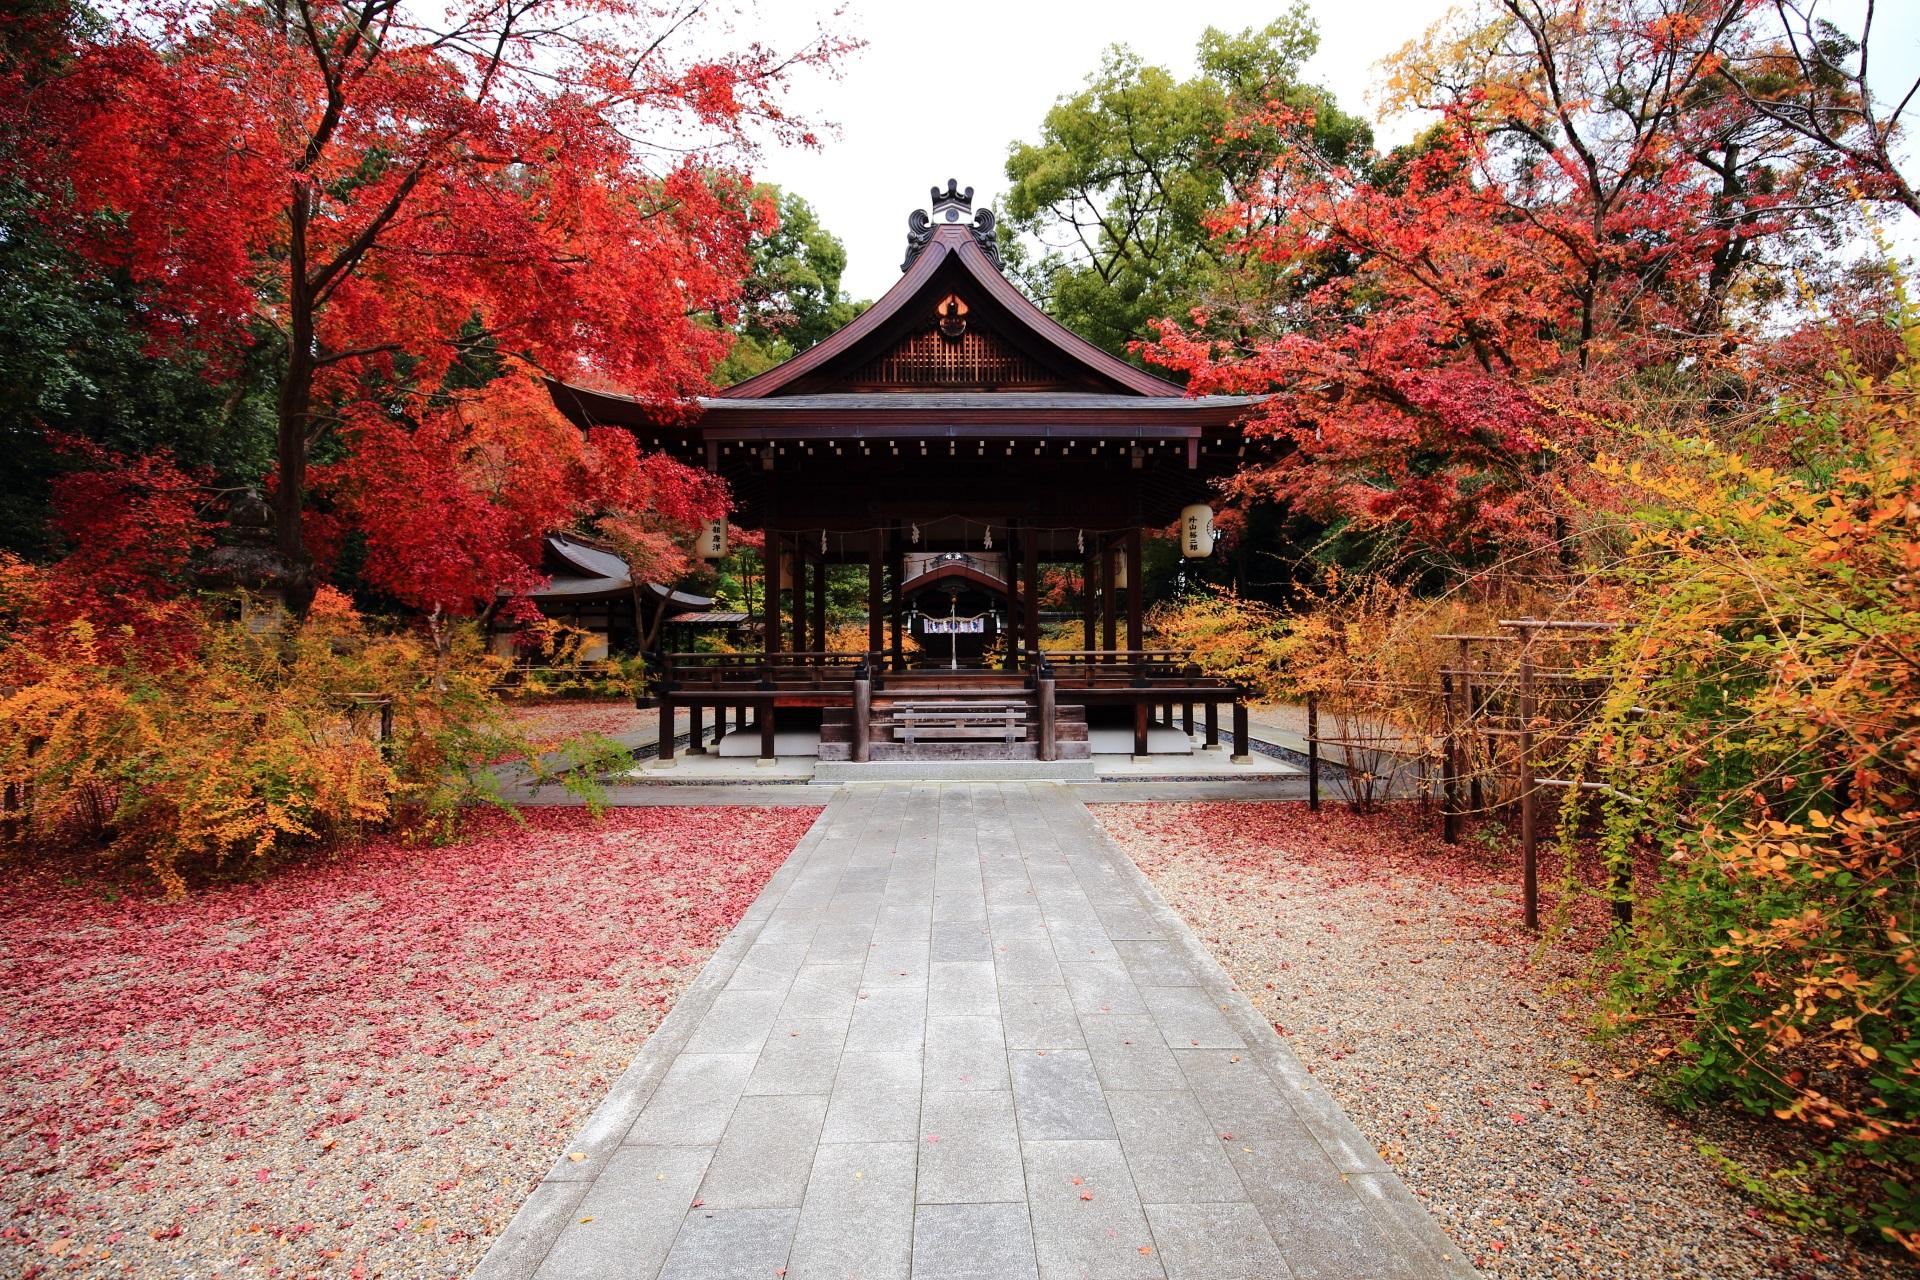 梨木神社の多彩な紅葉と秋の情景